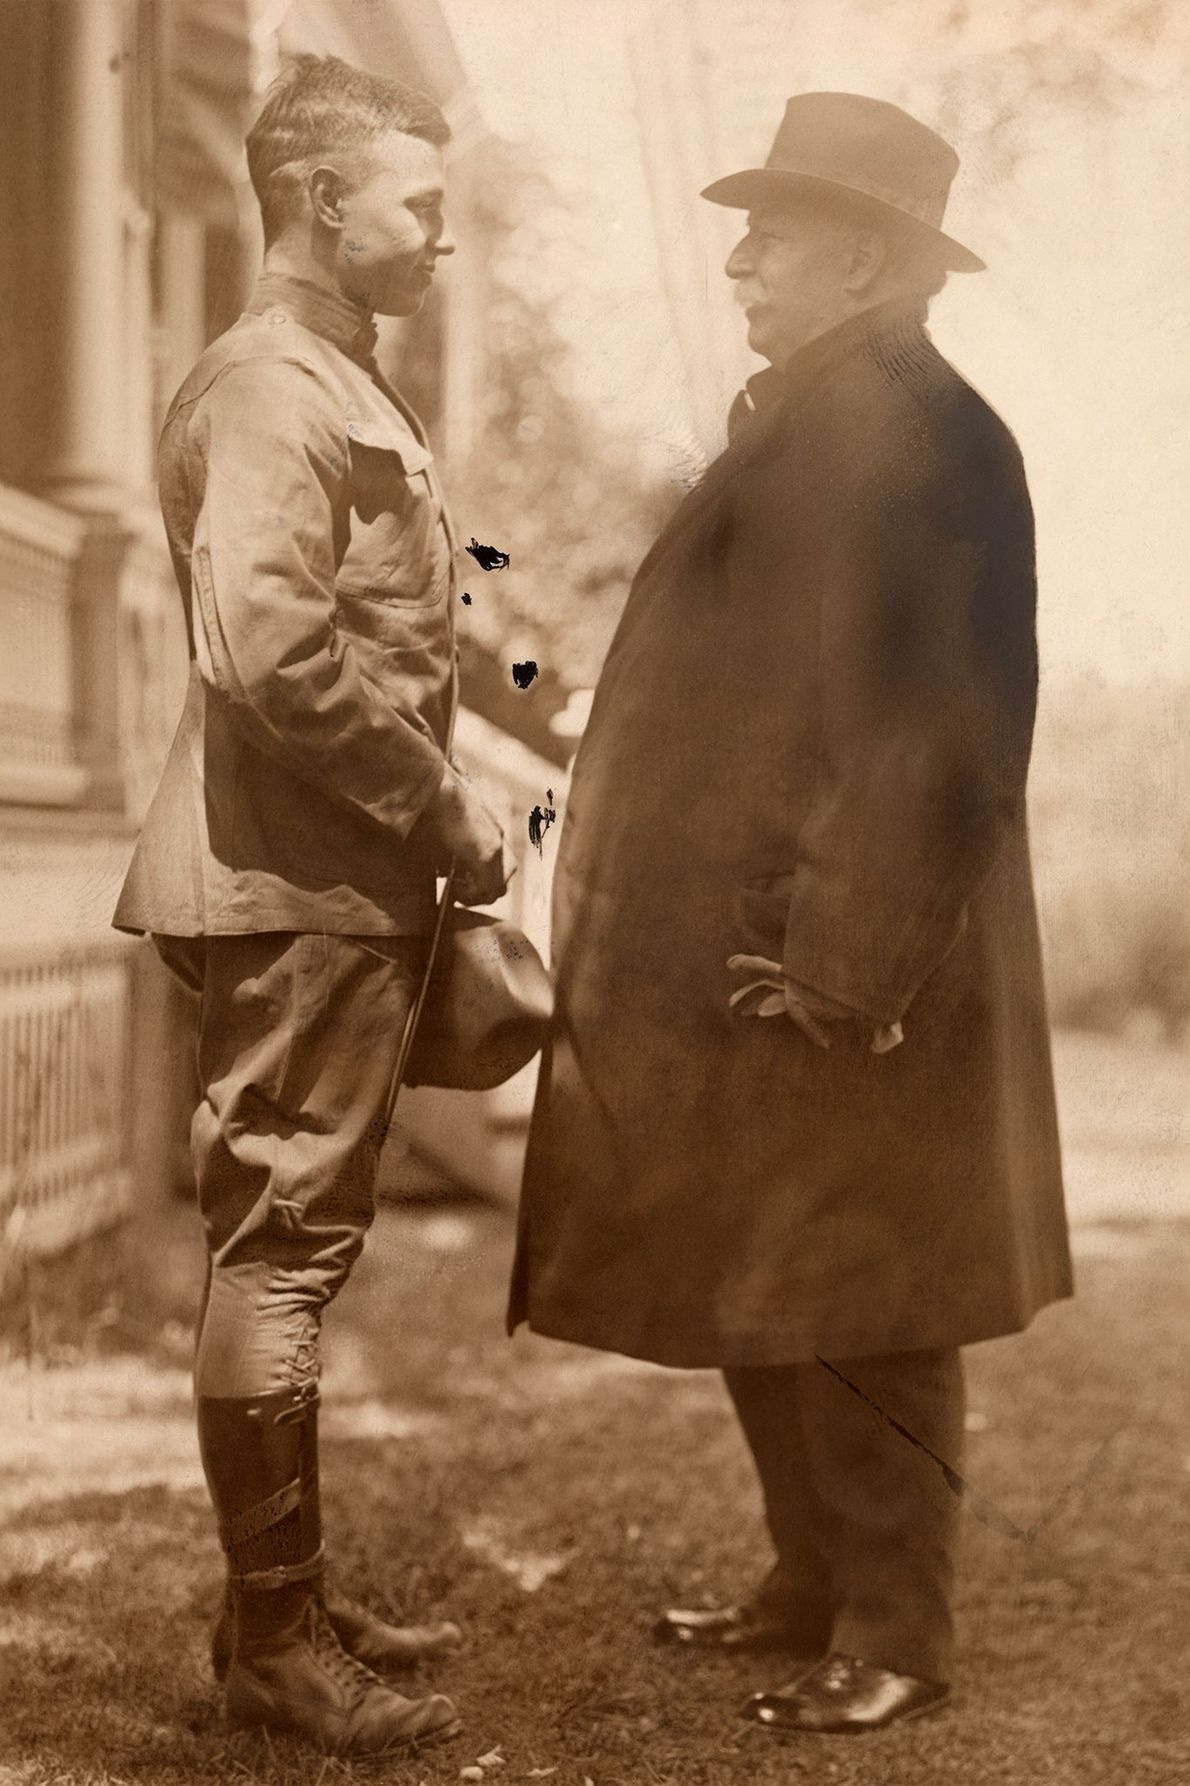 Sur ce cliché pris au début du XXe siècle, l'ancien Président des États-Unis, William Howard Taft, ...